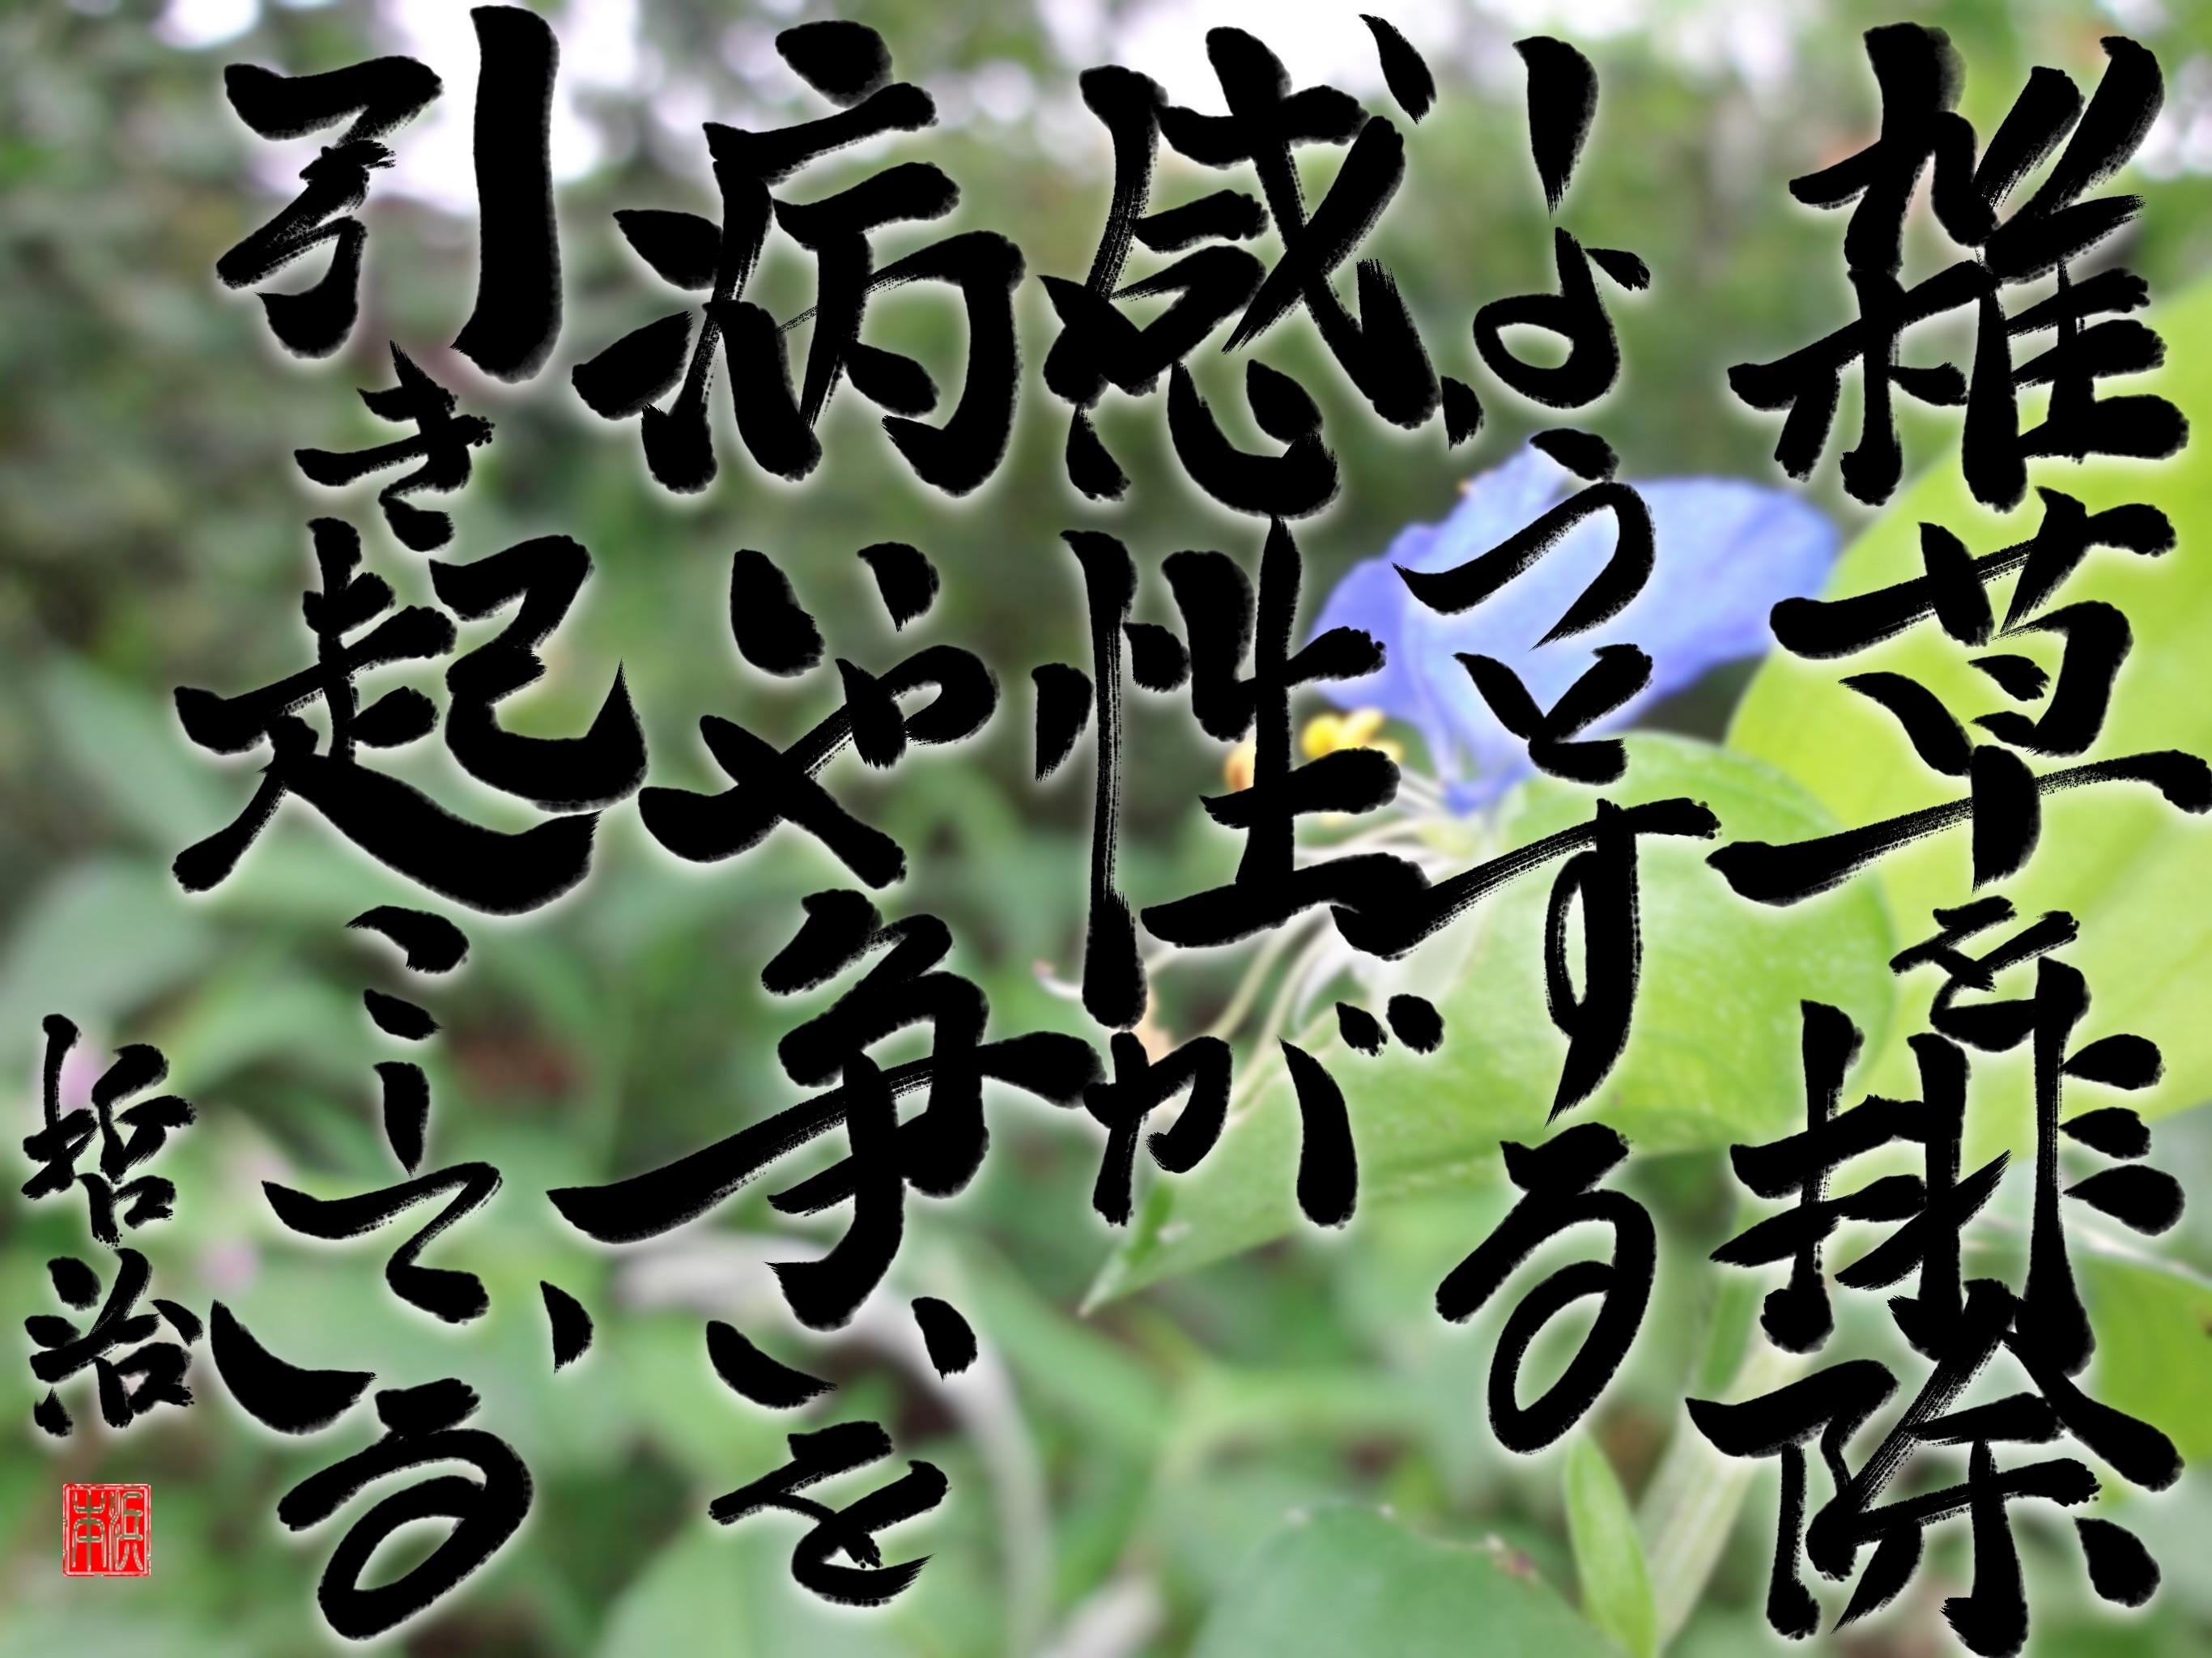 雑草を排除しようとする感性が、病や争いを引き起こしている。<1580>